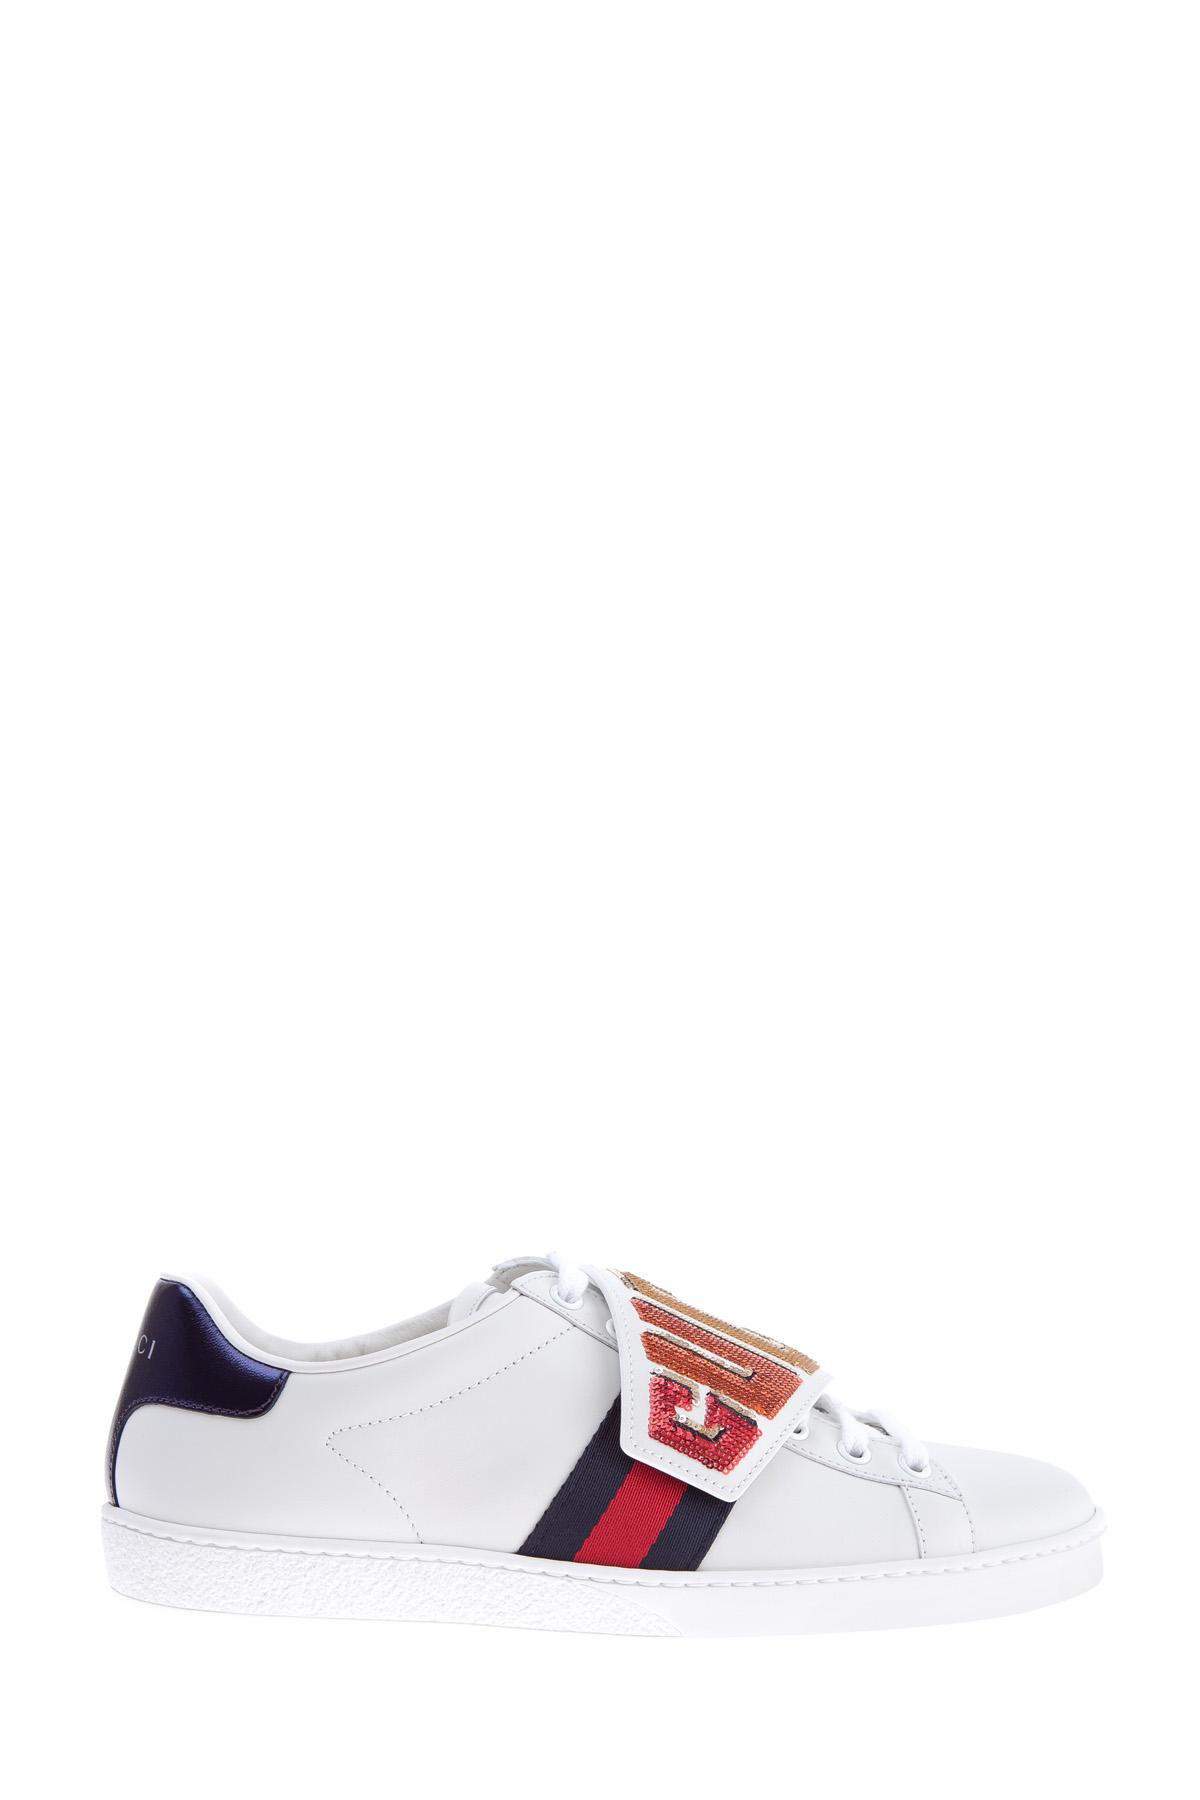 Купить Кеды со съемными патчами, закрывающими шнуровку и украшенные символикой бренда из пайеток, GUCCI, Италия, кожа 100%